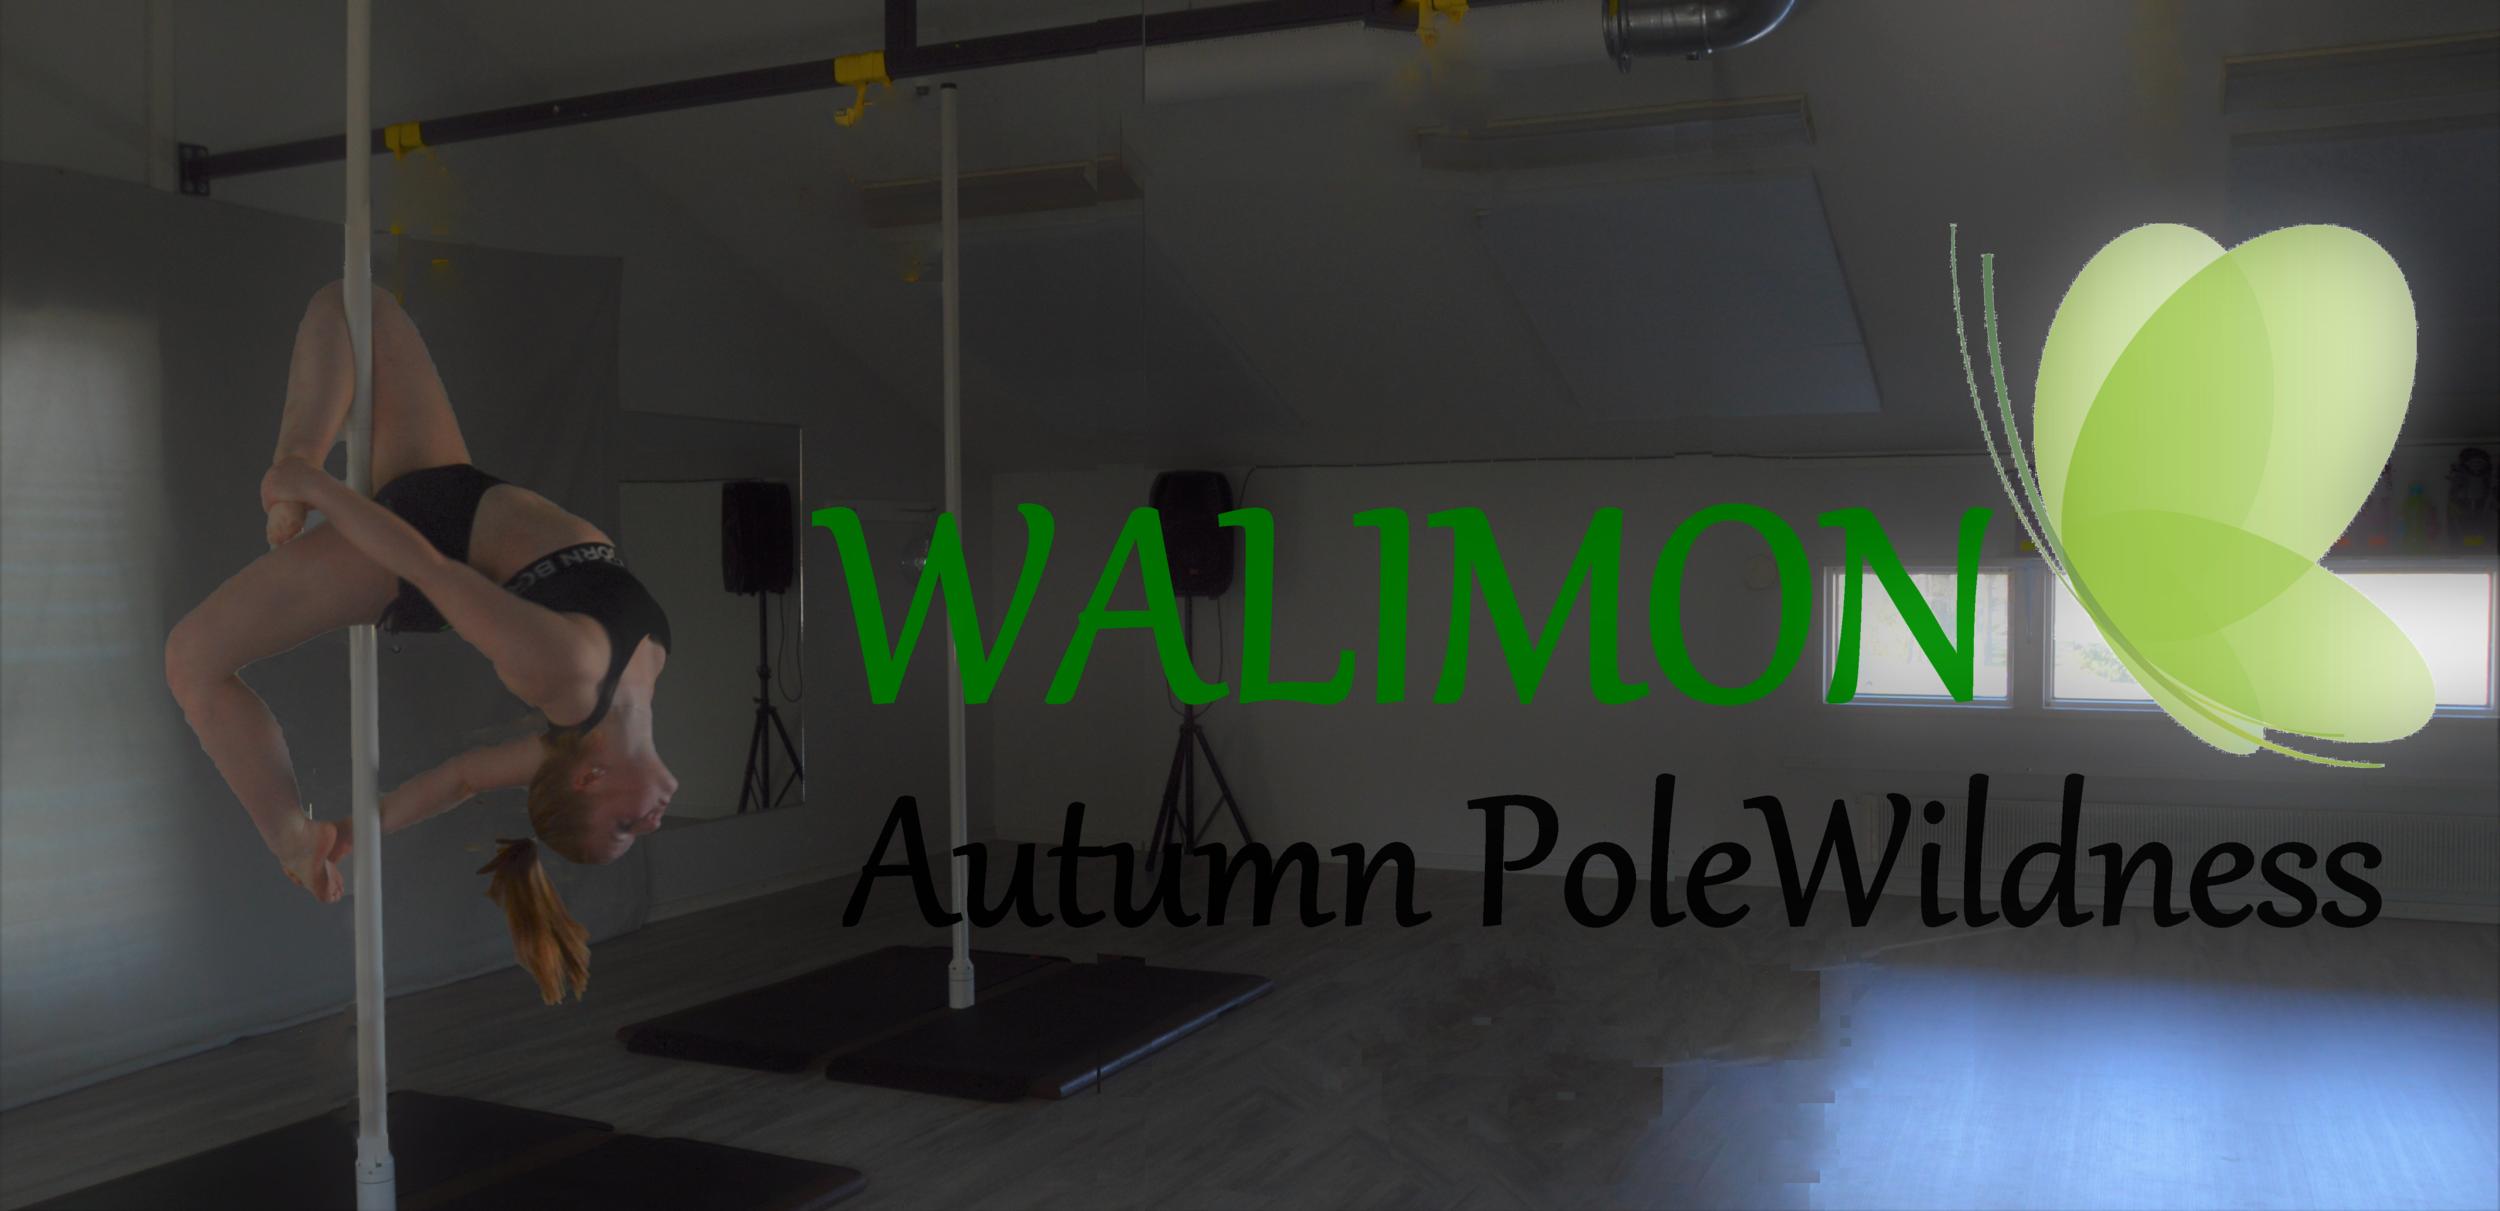 Walimon Autumn PoleWildness kansikuva kotisivuille.png